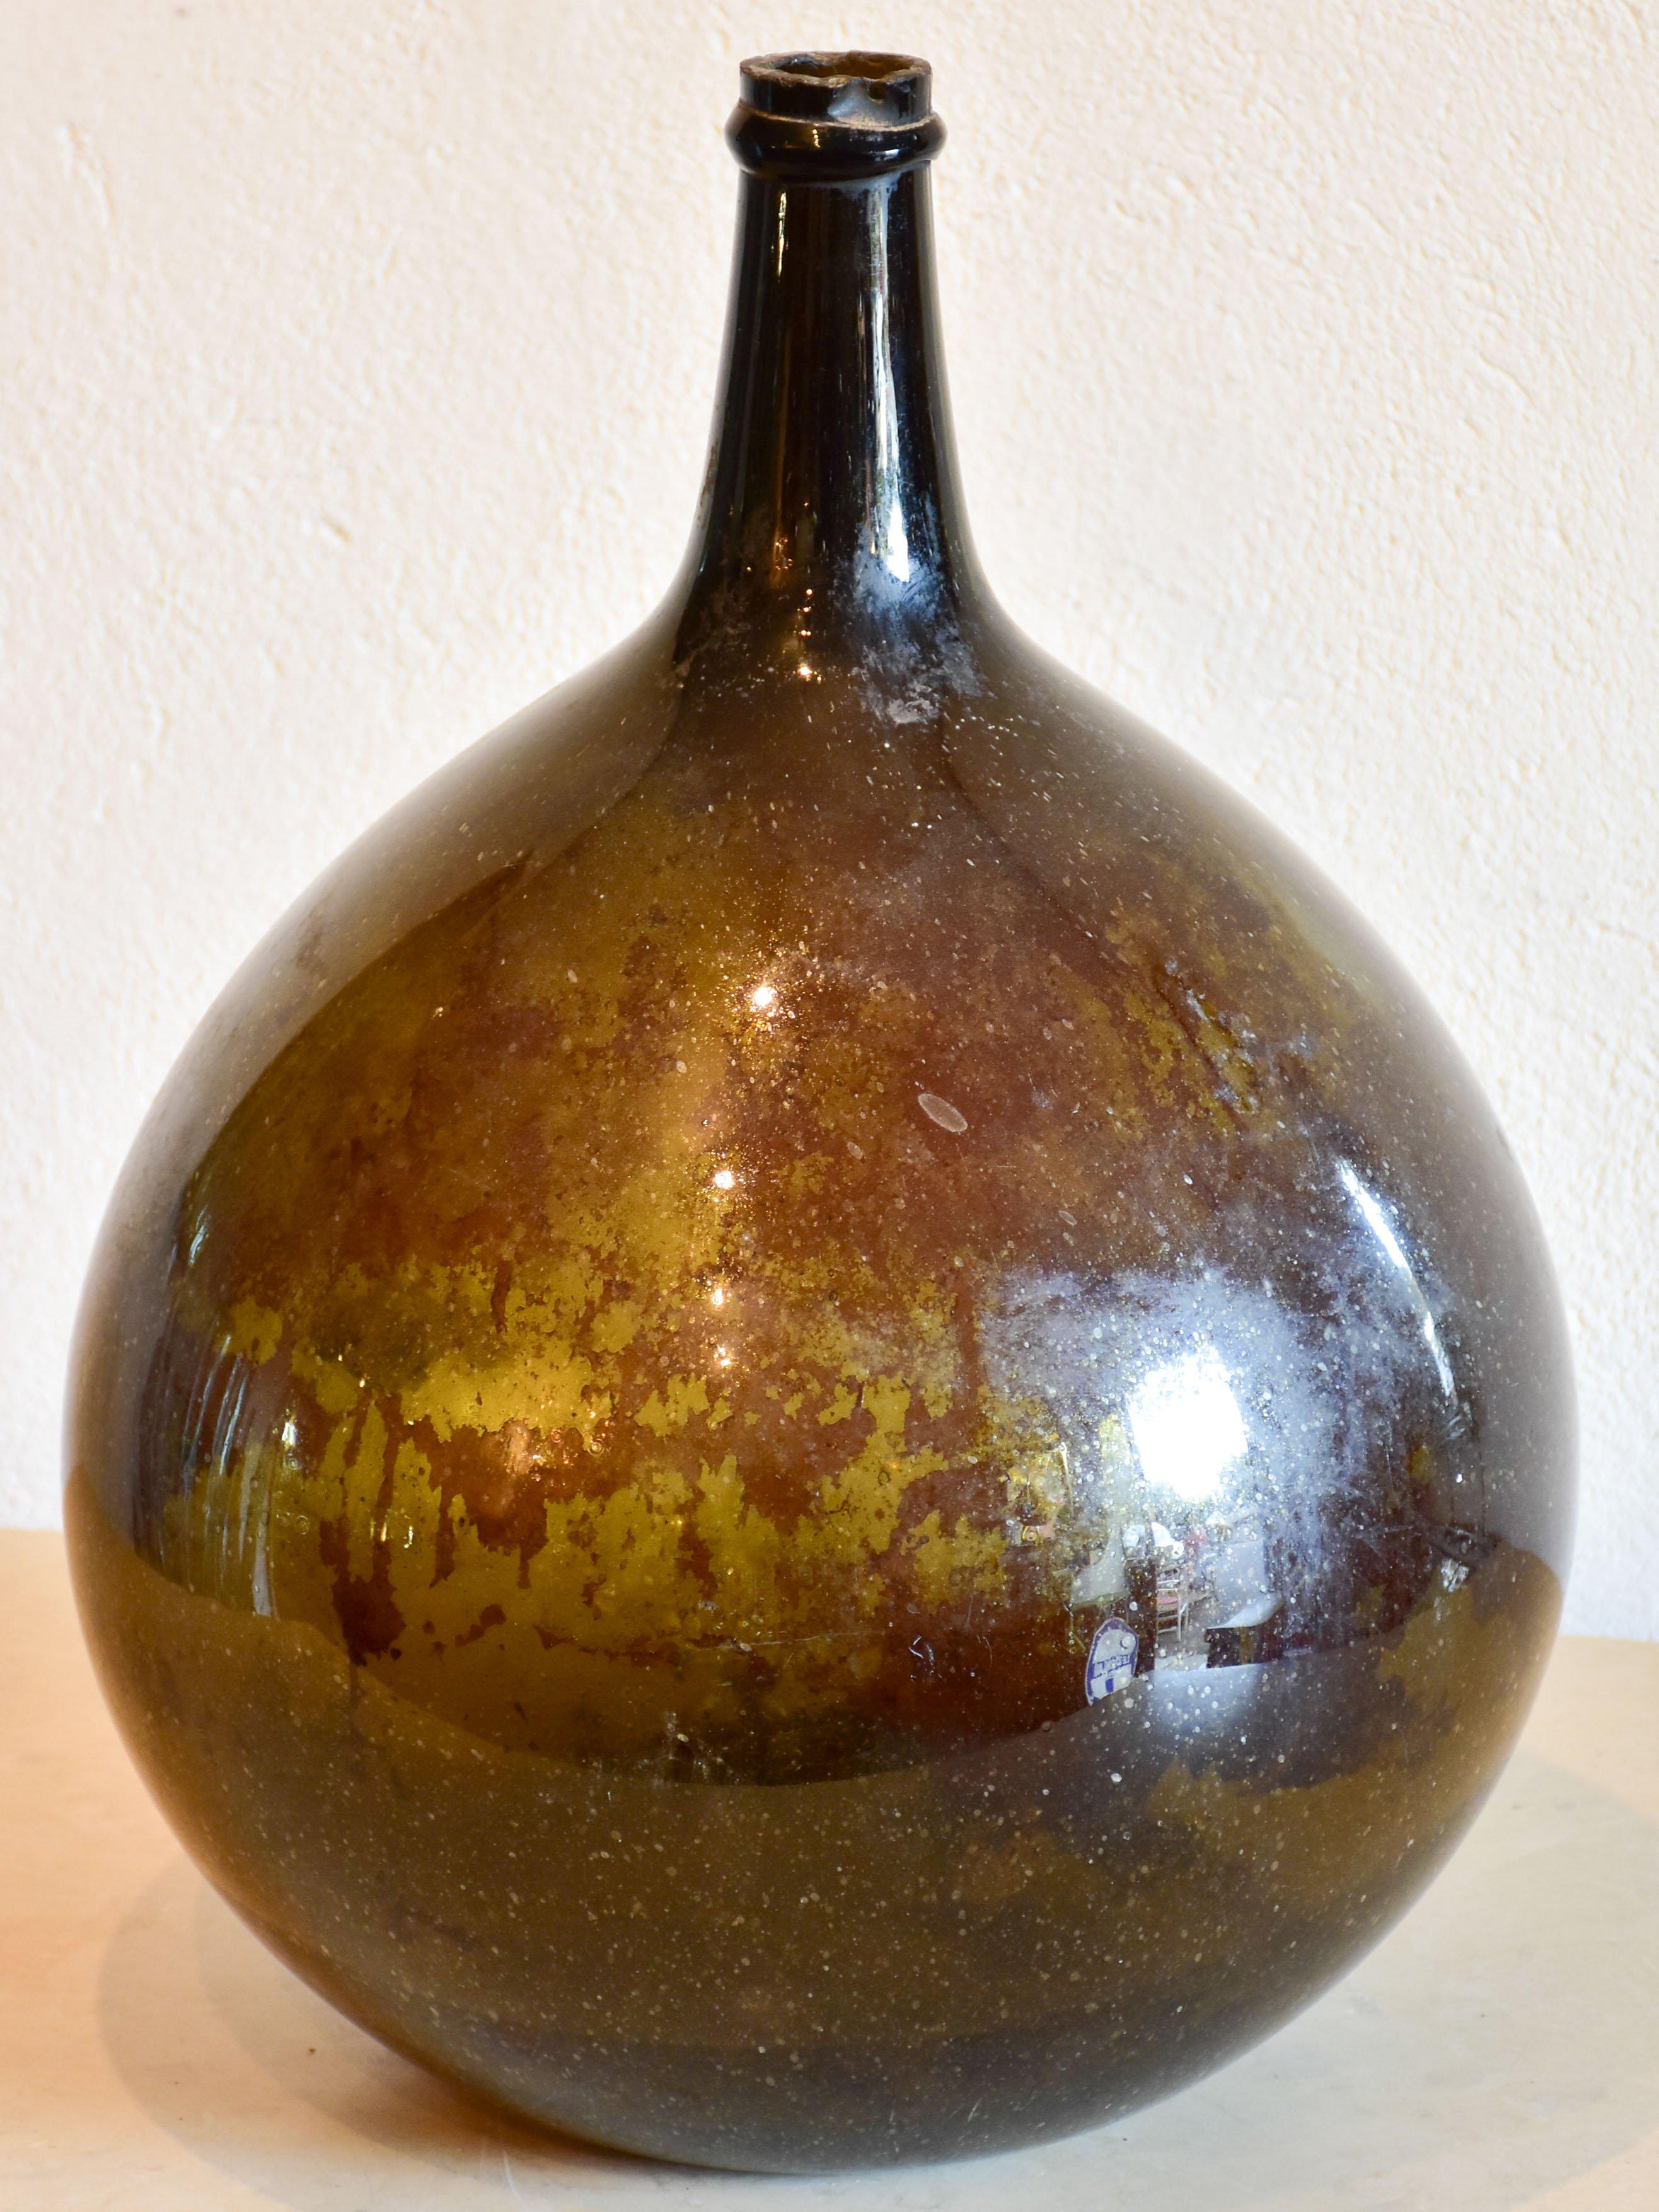 Antique Demijohn Bottle With Dark